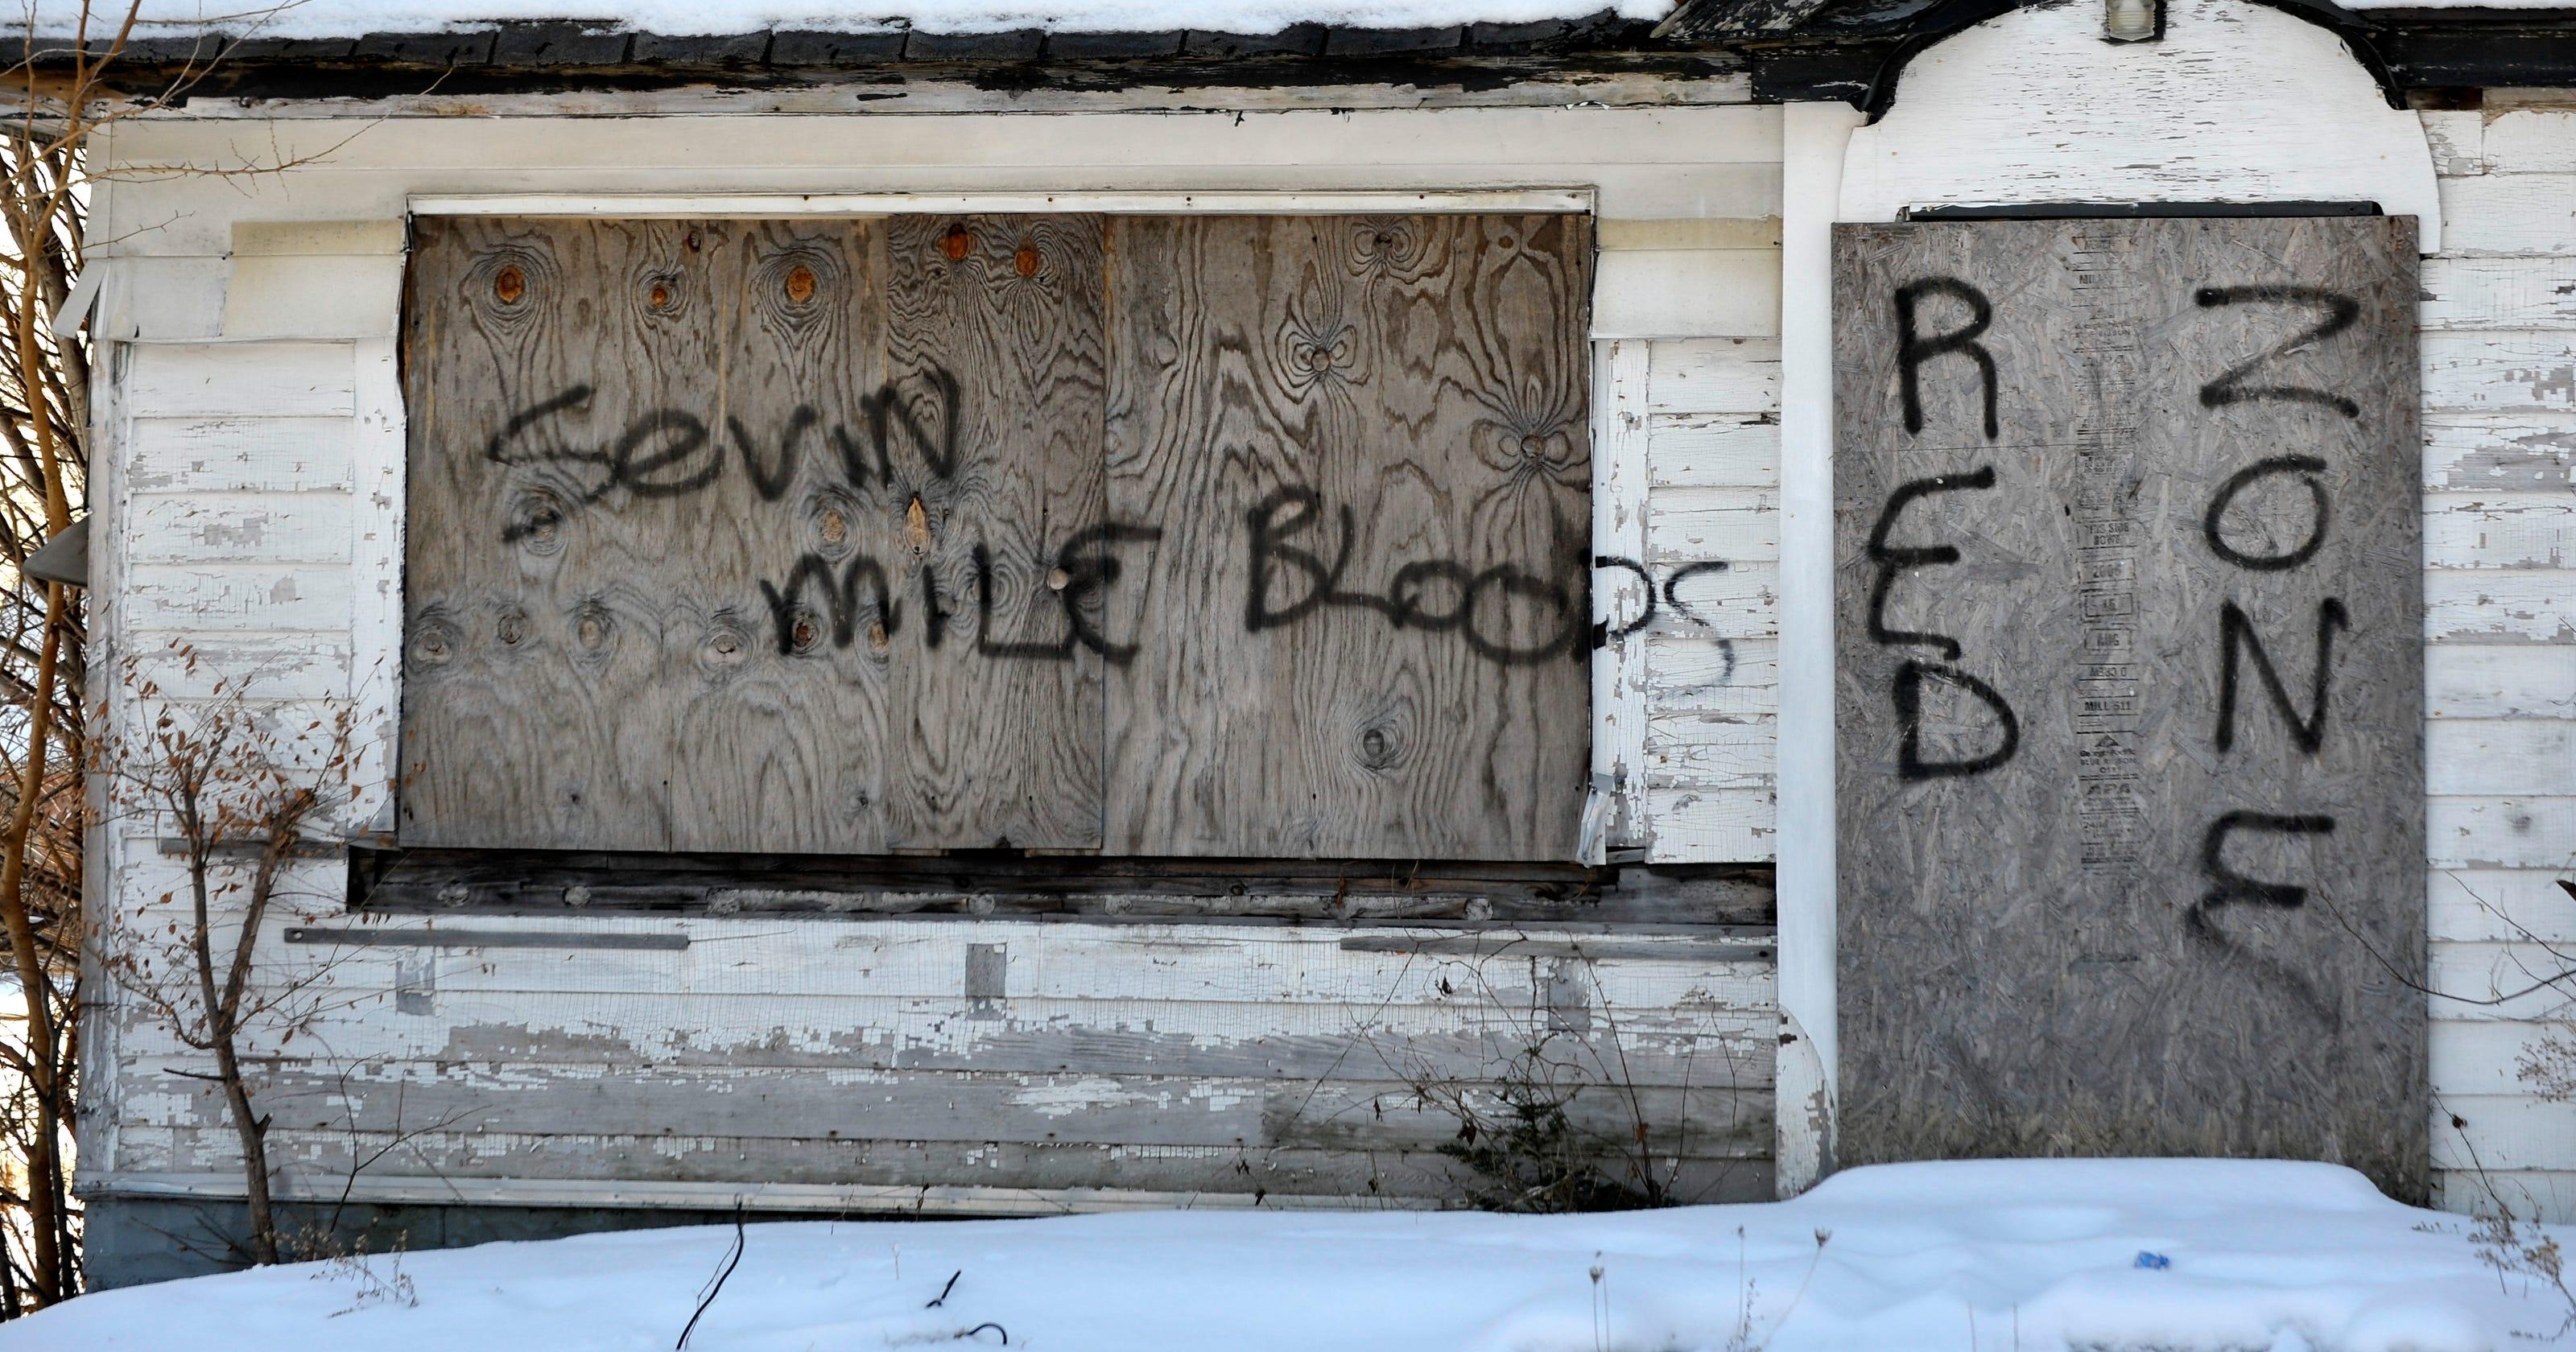 Death by Instagram: Inside Detroit's gang wars